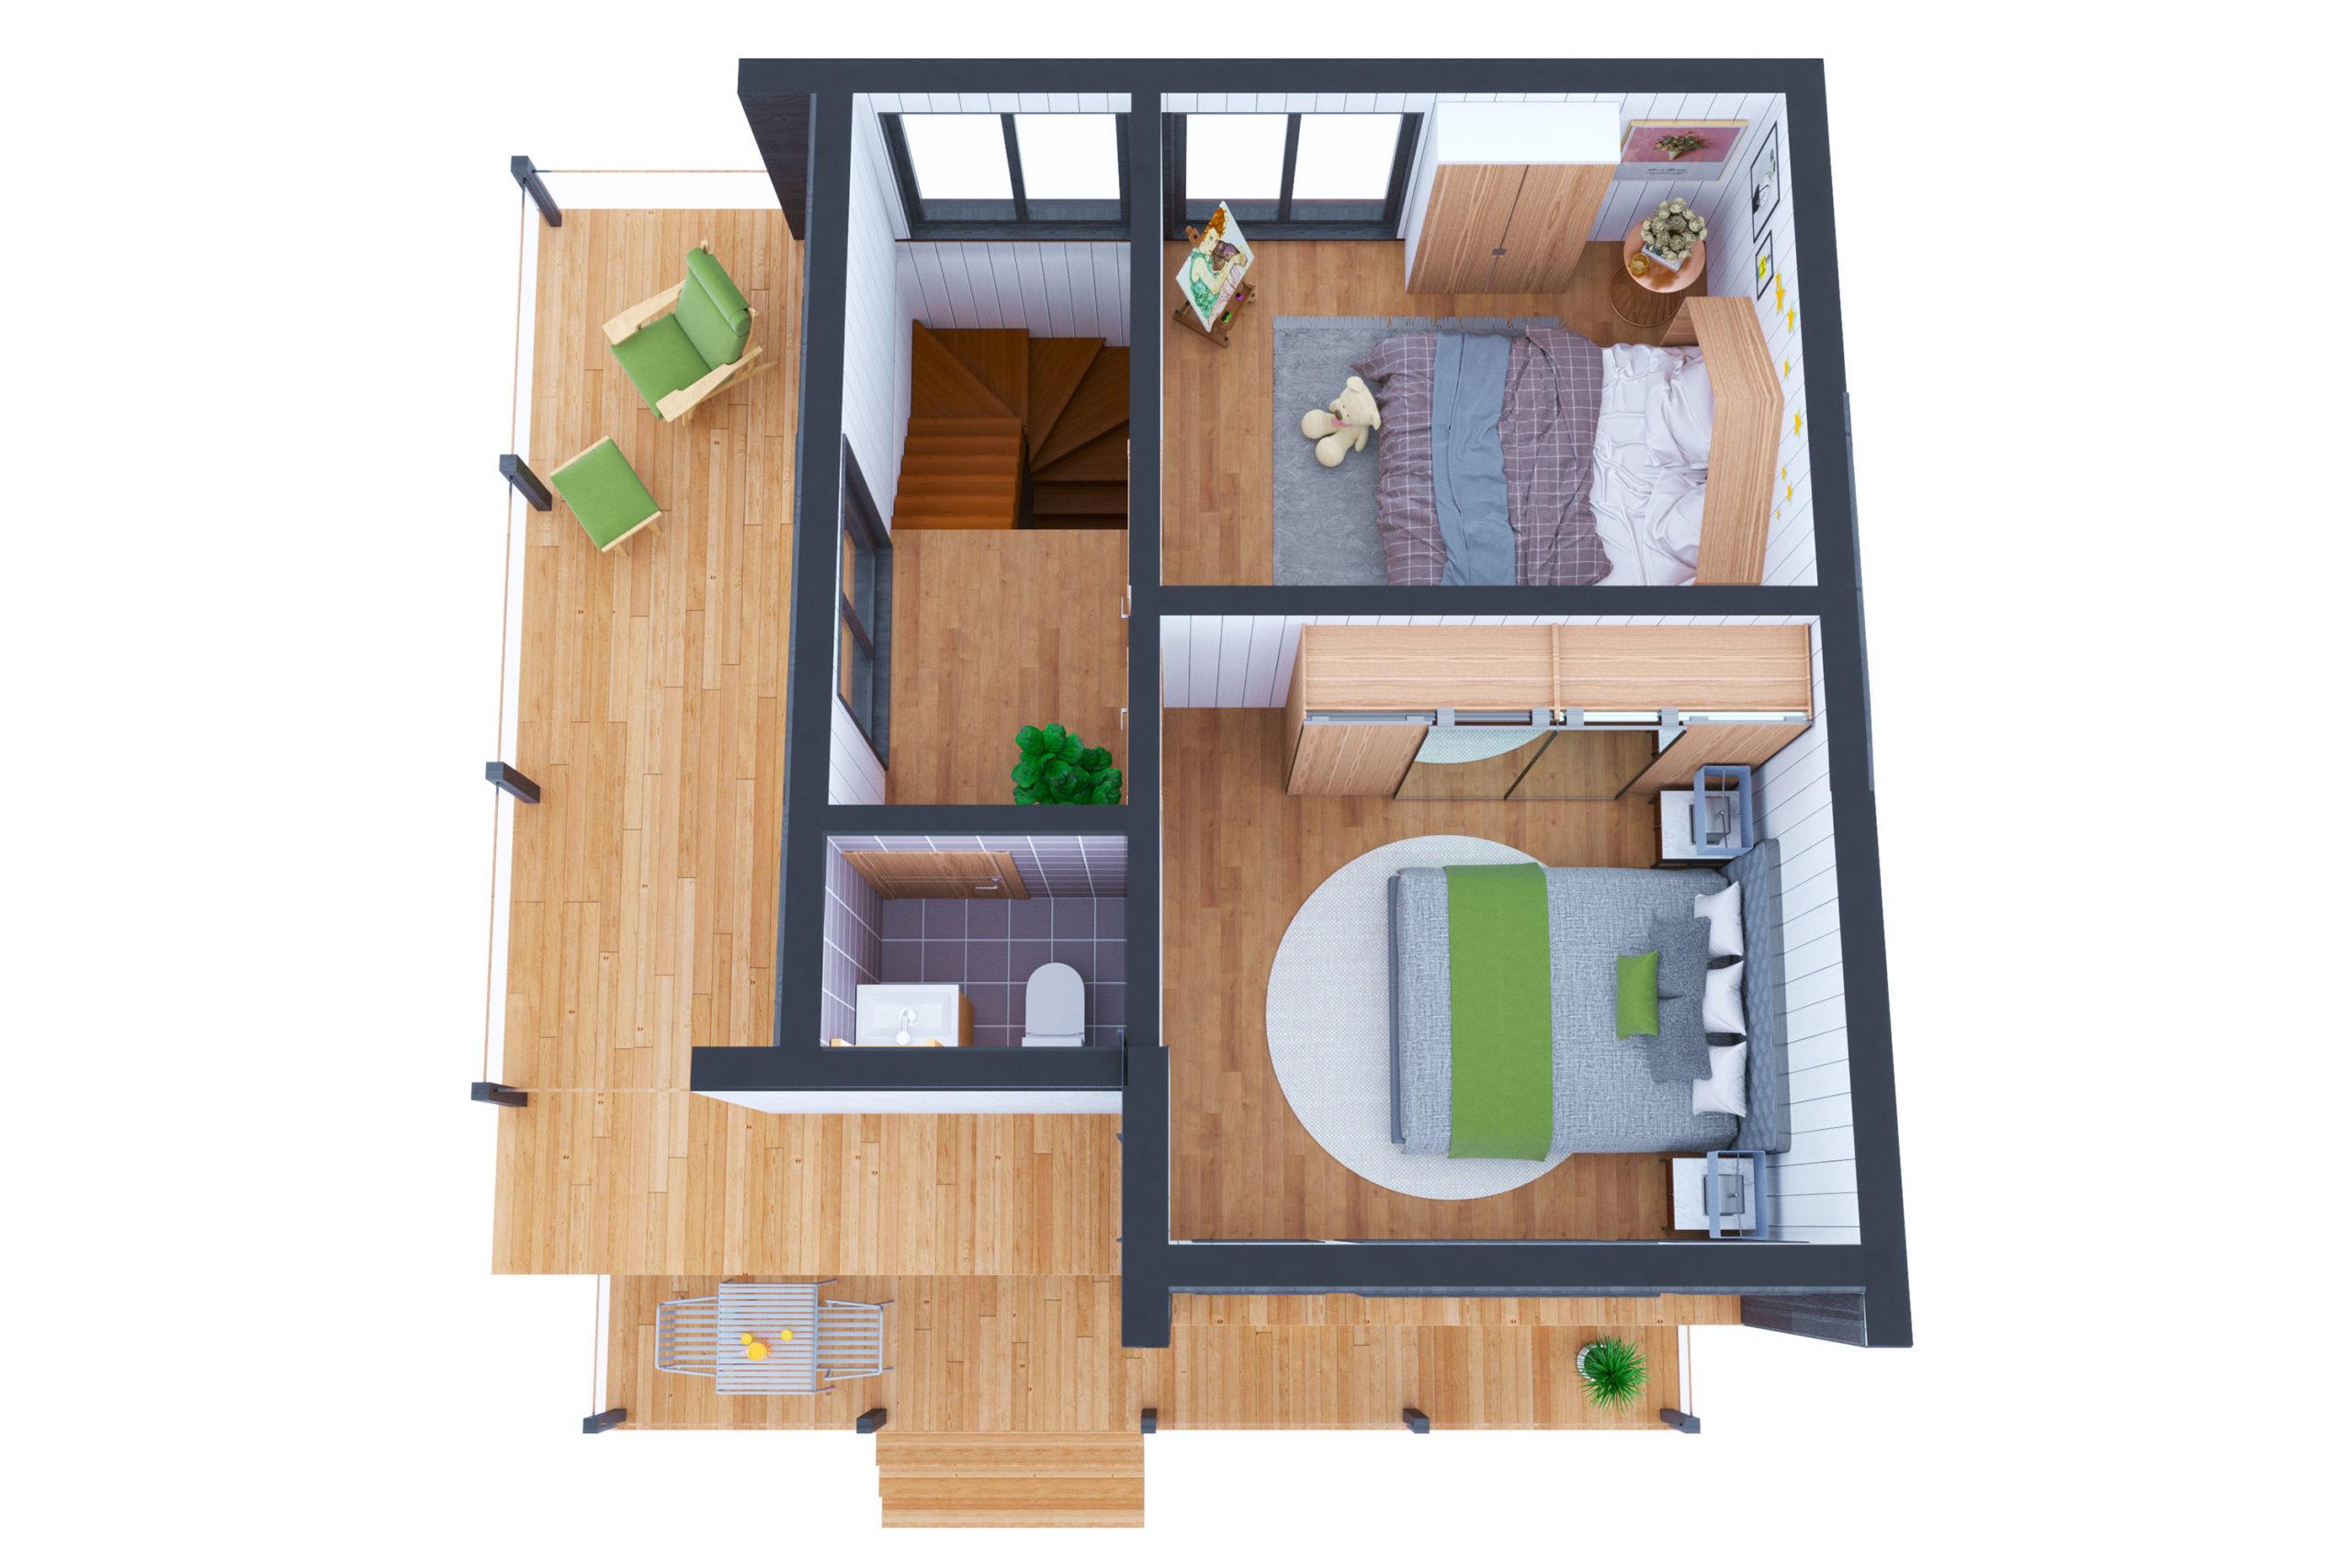 Планировка дома Шамплейн (Shamplain) – фото 2